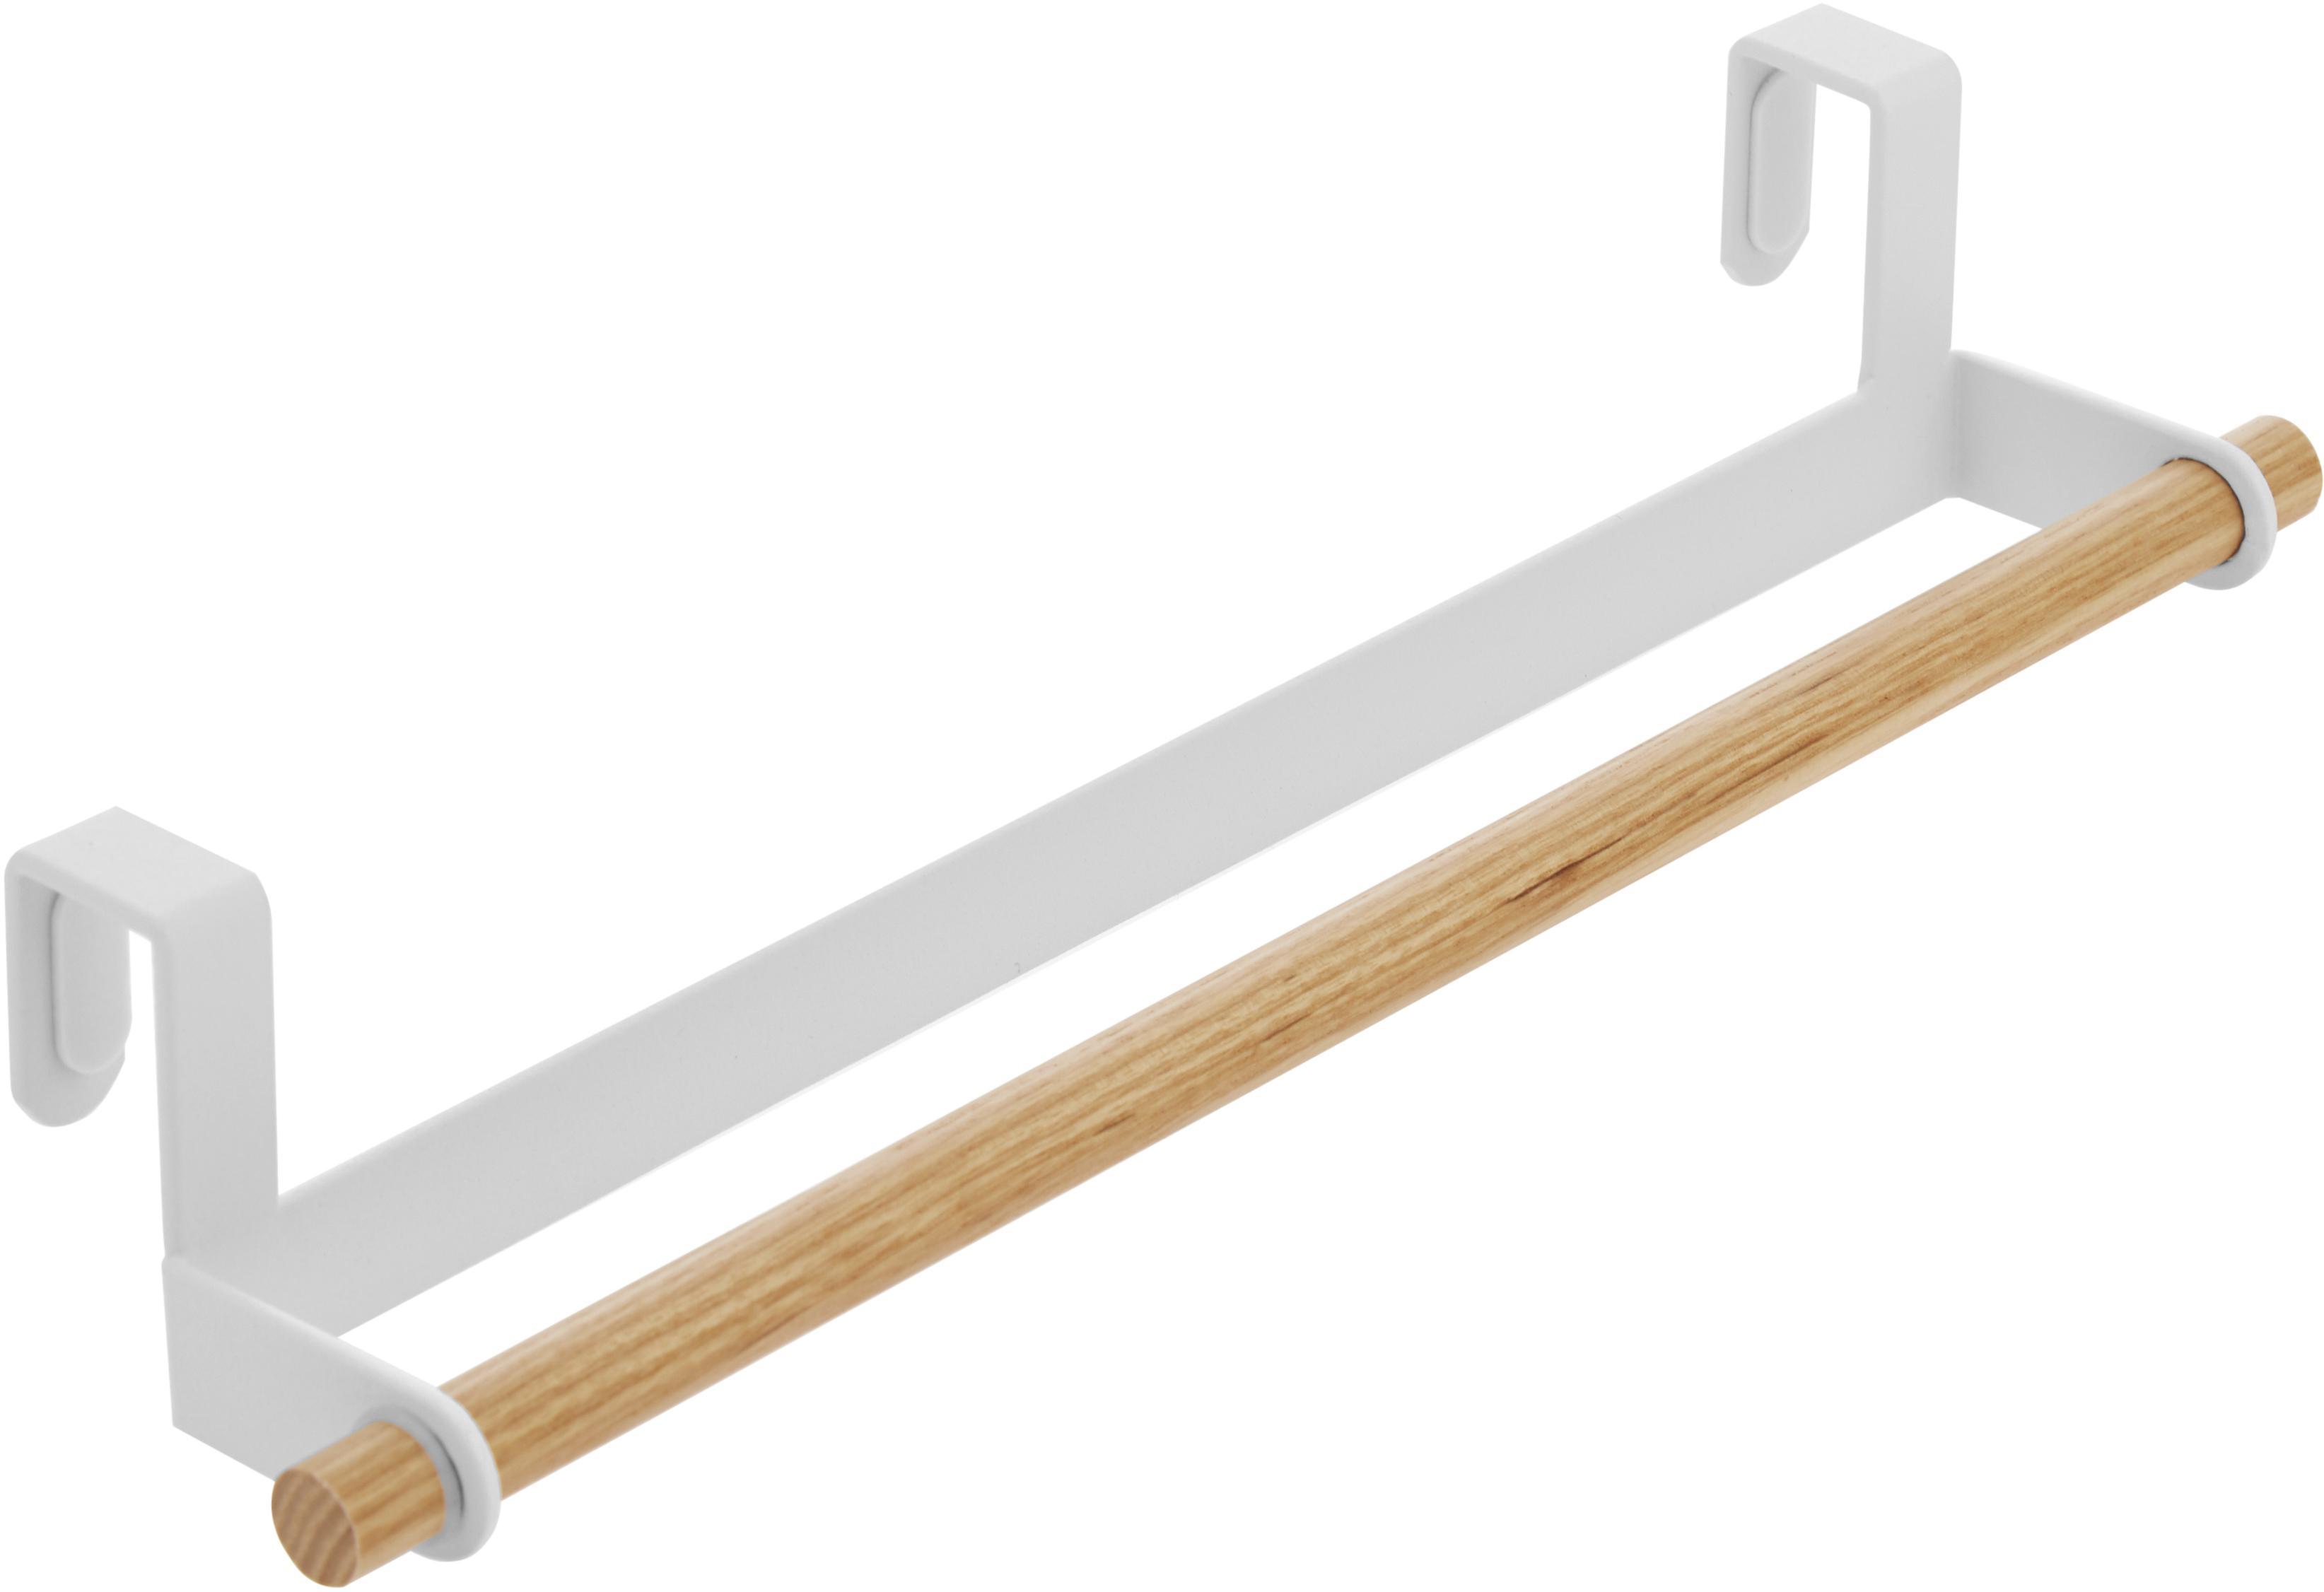 Wieszak na ręczniki Tosca, Biały, drewno naturalne, S 33 x W 6 cm